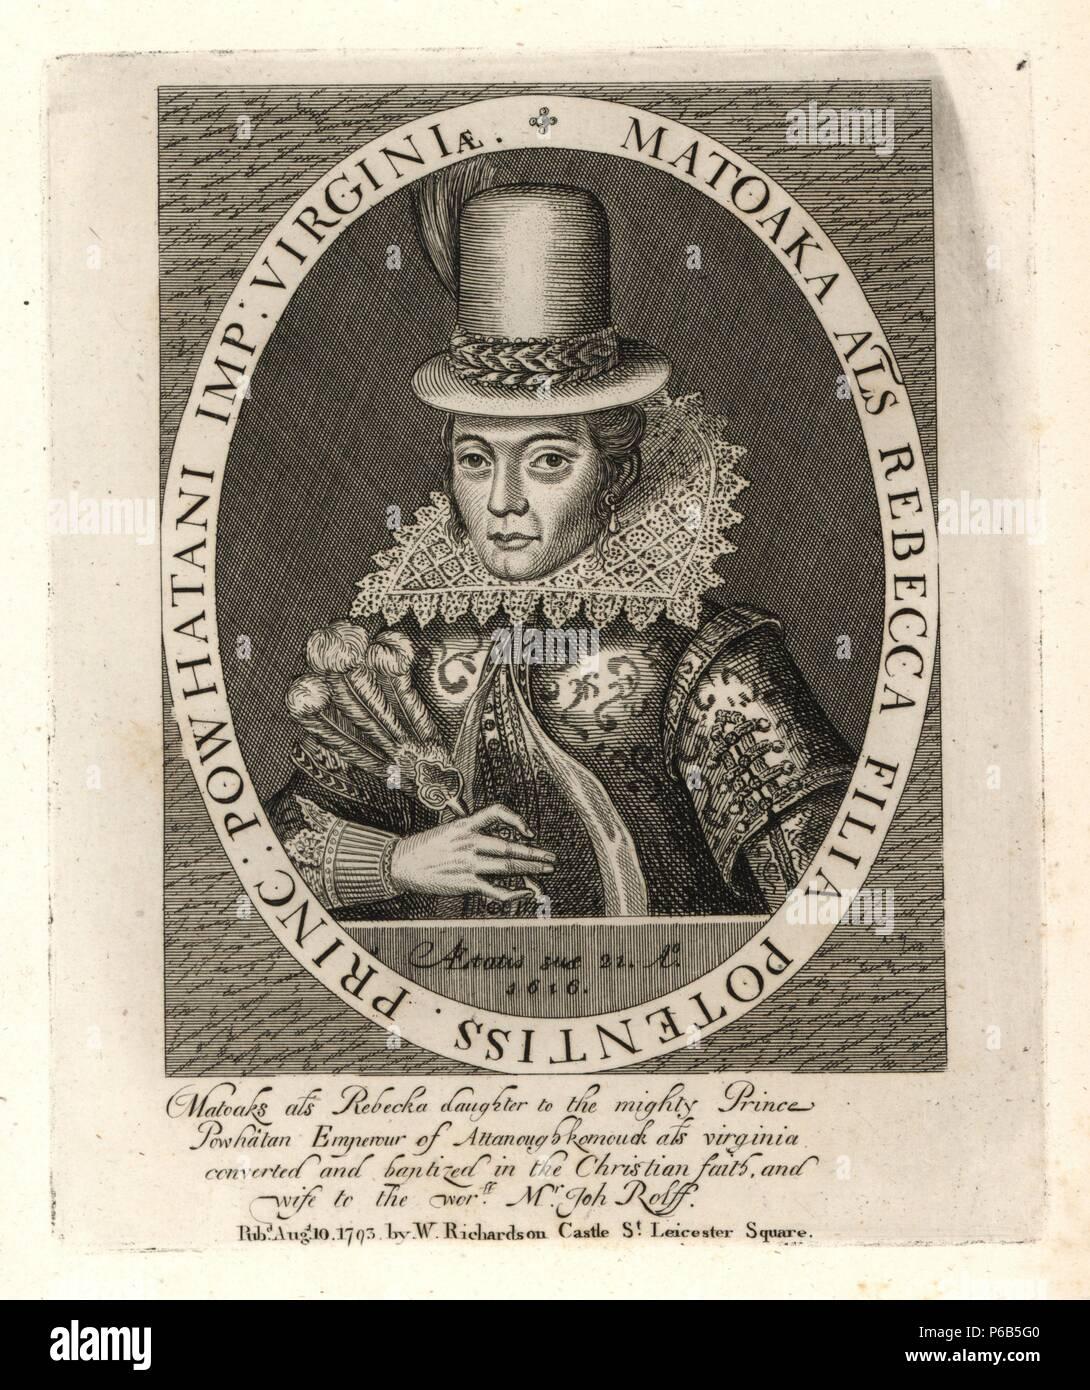 """Matoaka, Pocahontas, posteriormente Rebecca Rolfe, hija del poderoso Powharan, Emperador de Attanoughkomouck o Virginia, y la esposa de John Rolfe, murió el 1617. Impresión de un curioso por Simon de Passe en Smith's 'Historia de Virginia"""". Copperplate grabado de Richardson es """"Retratos ilustrando Granger biográfica de la historia de Inglaterra"""", Londres, 1792-1812. Publicado por William Richardson, printseller, Londres. James Granger (1723-1776) fue un clérigo inglés, biógrafo y coleccionista de impresión. Foto de stock"""